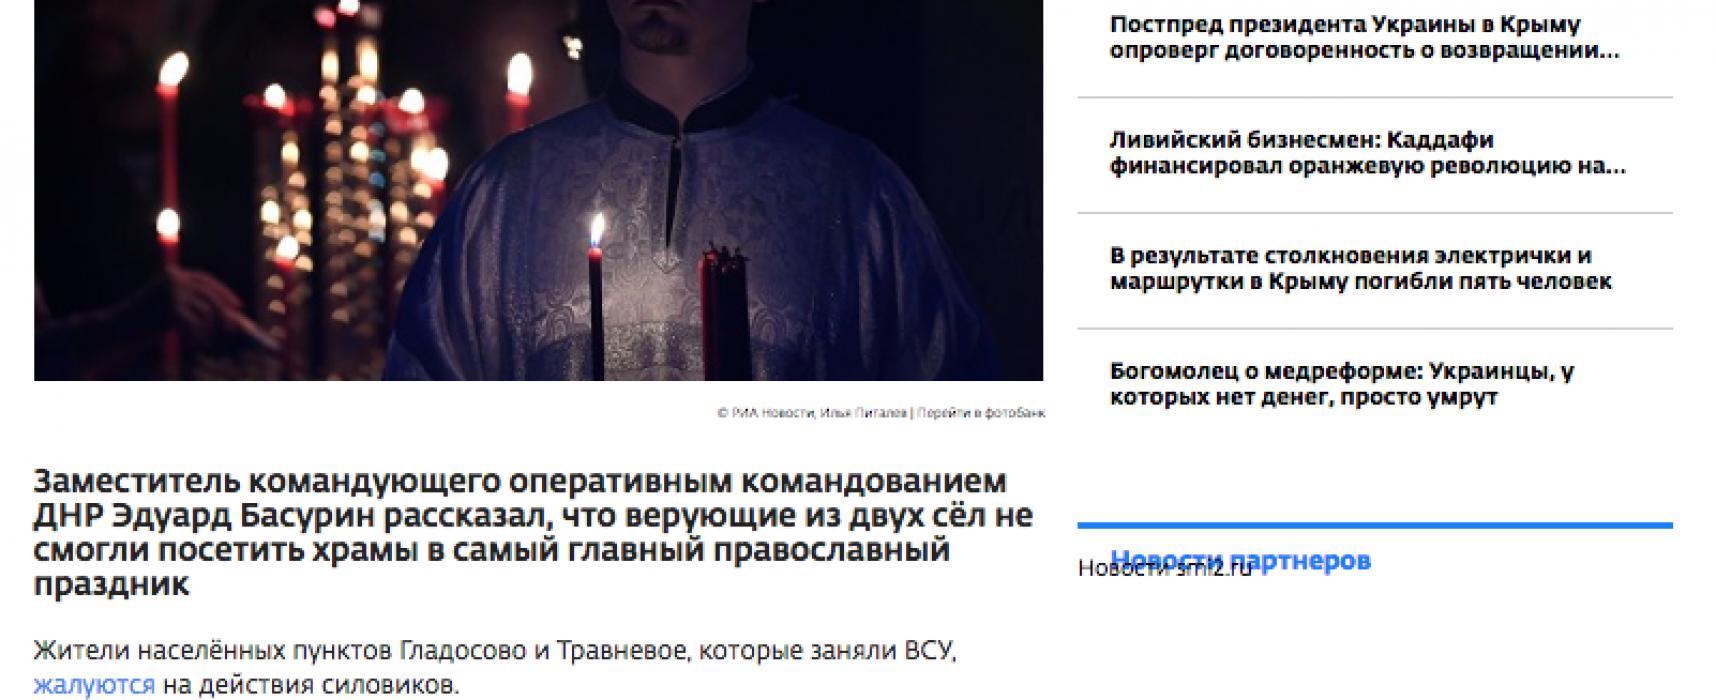 Fake: Les combattants de forces armées ukrainienne interdisent aux habitants de la République Populaire de Donetsk de célébrer Pâques